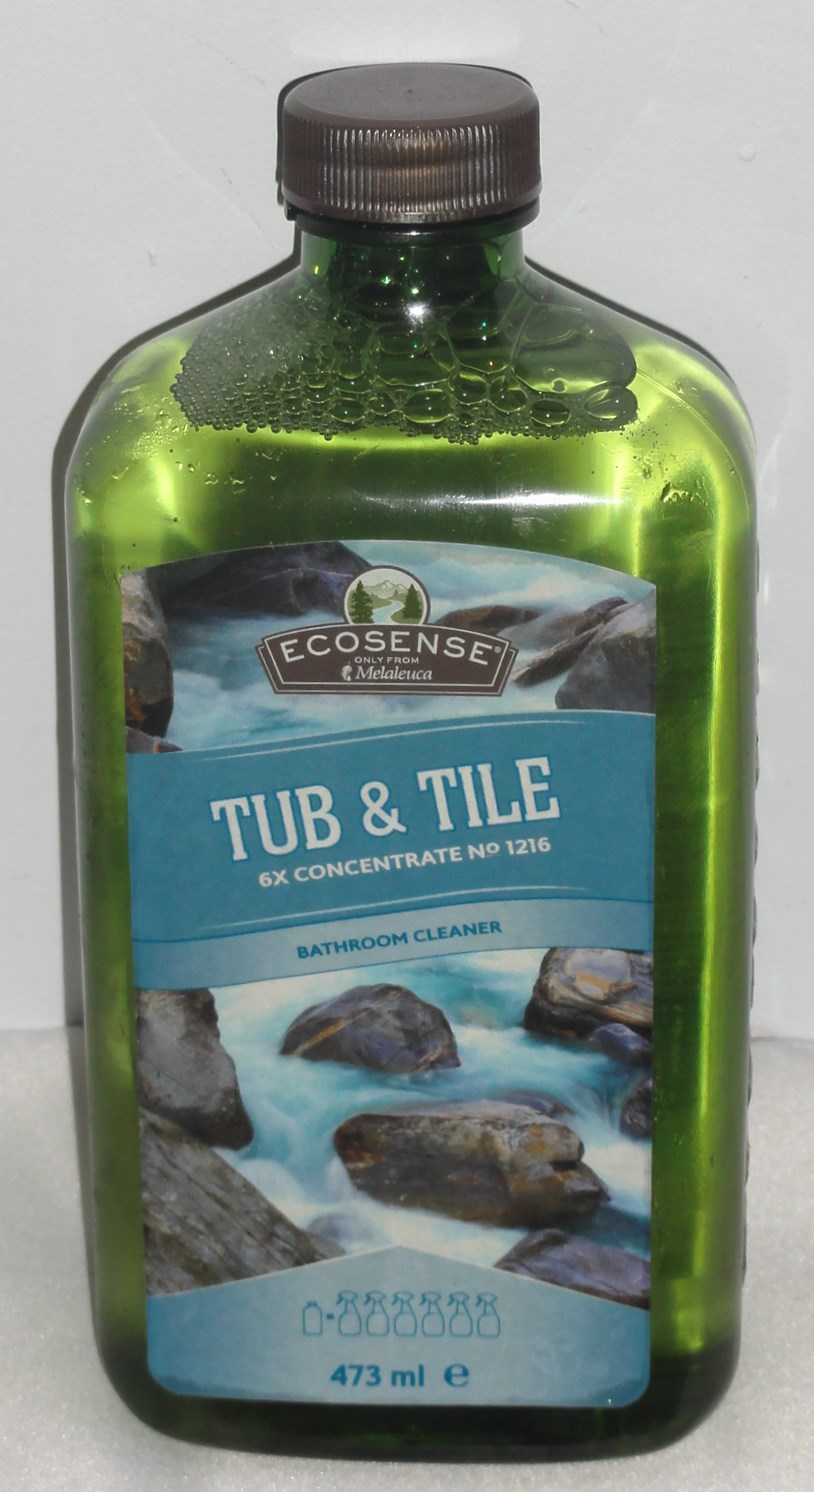 TUB & TILE